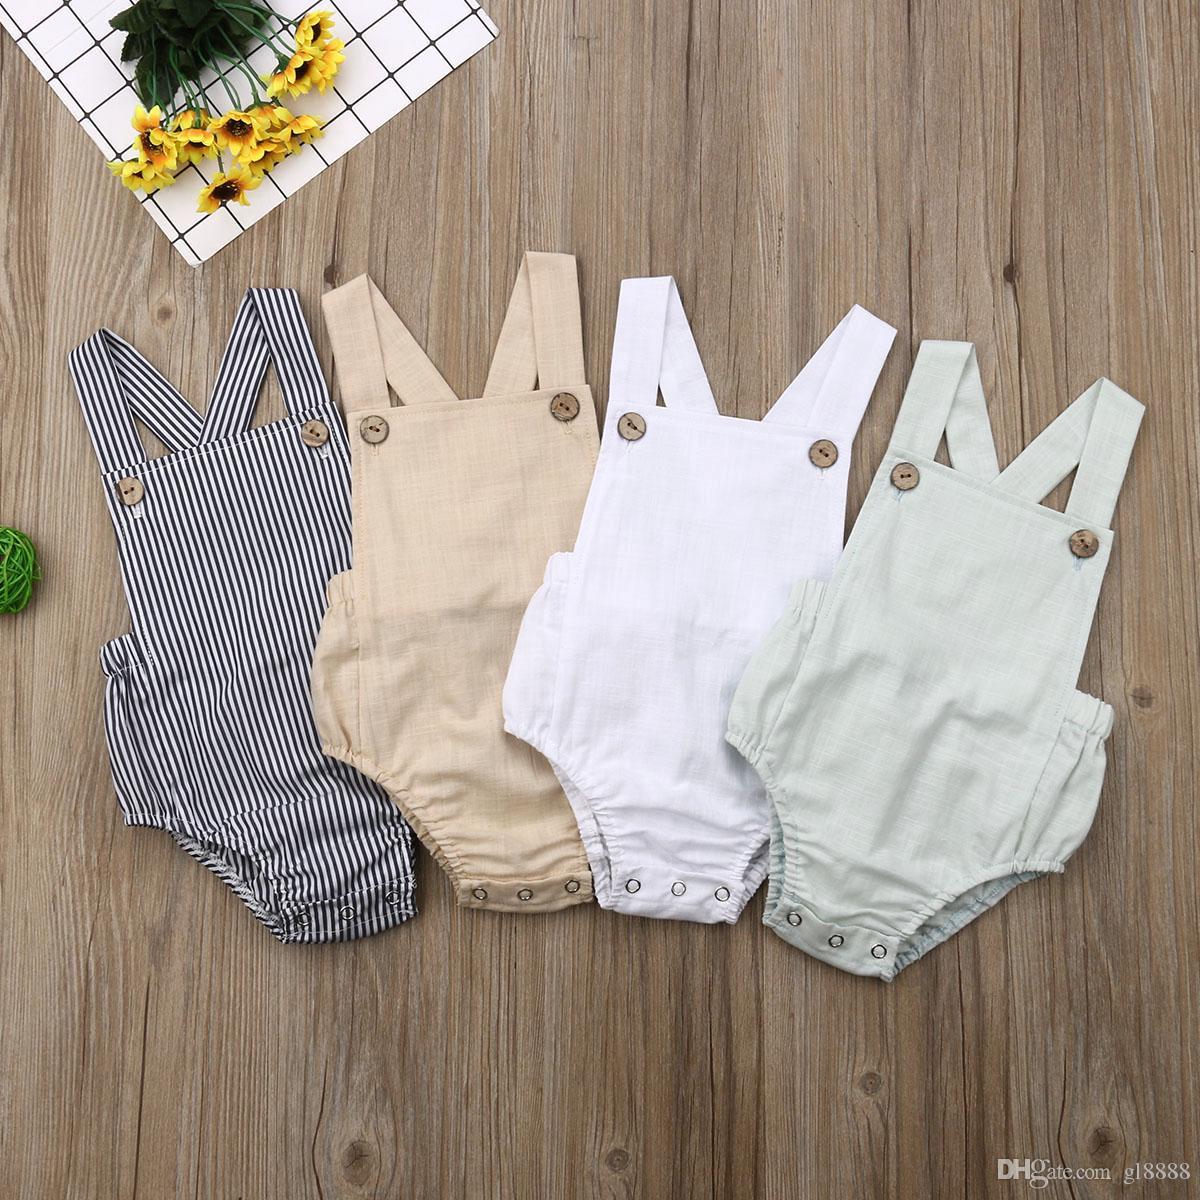 Été bébé nouveau-né bébé fille barboteuse body jumpsuit costume sunsuit vêtements